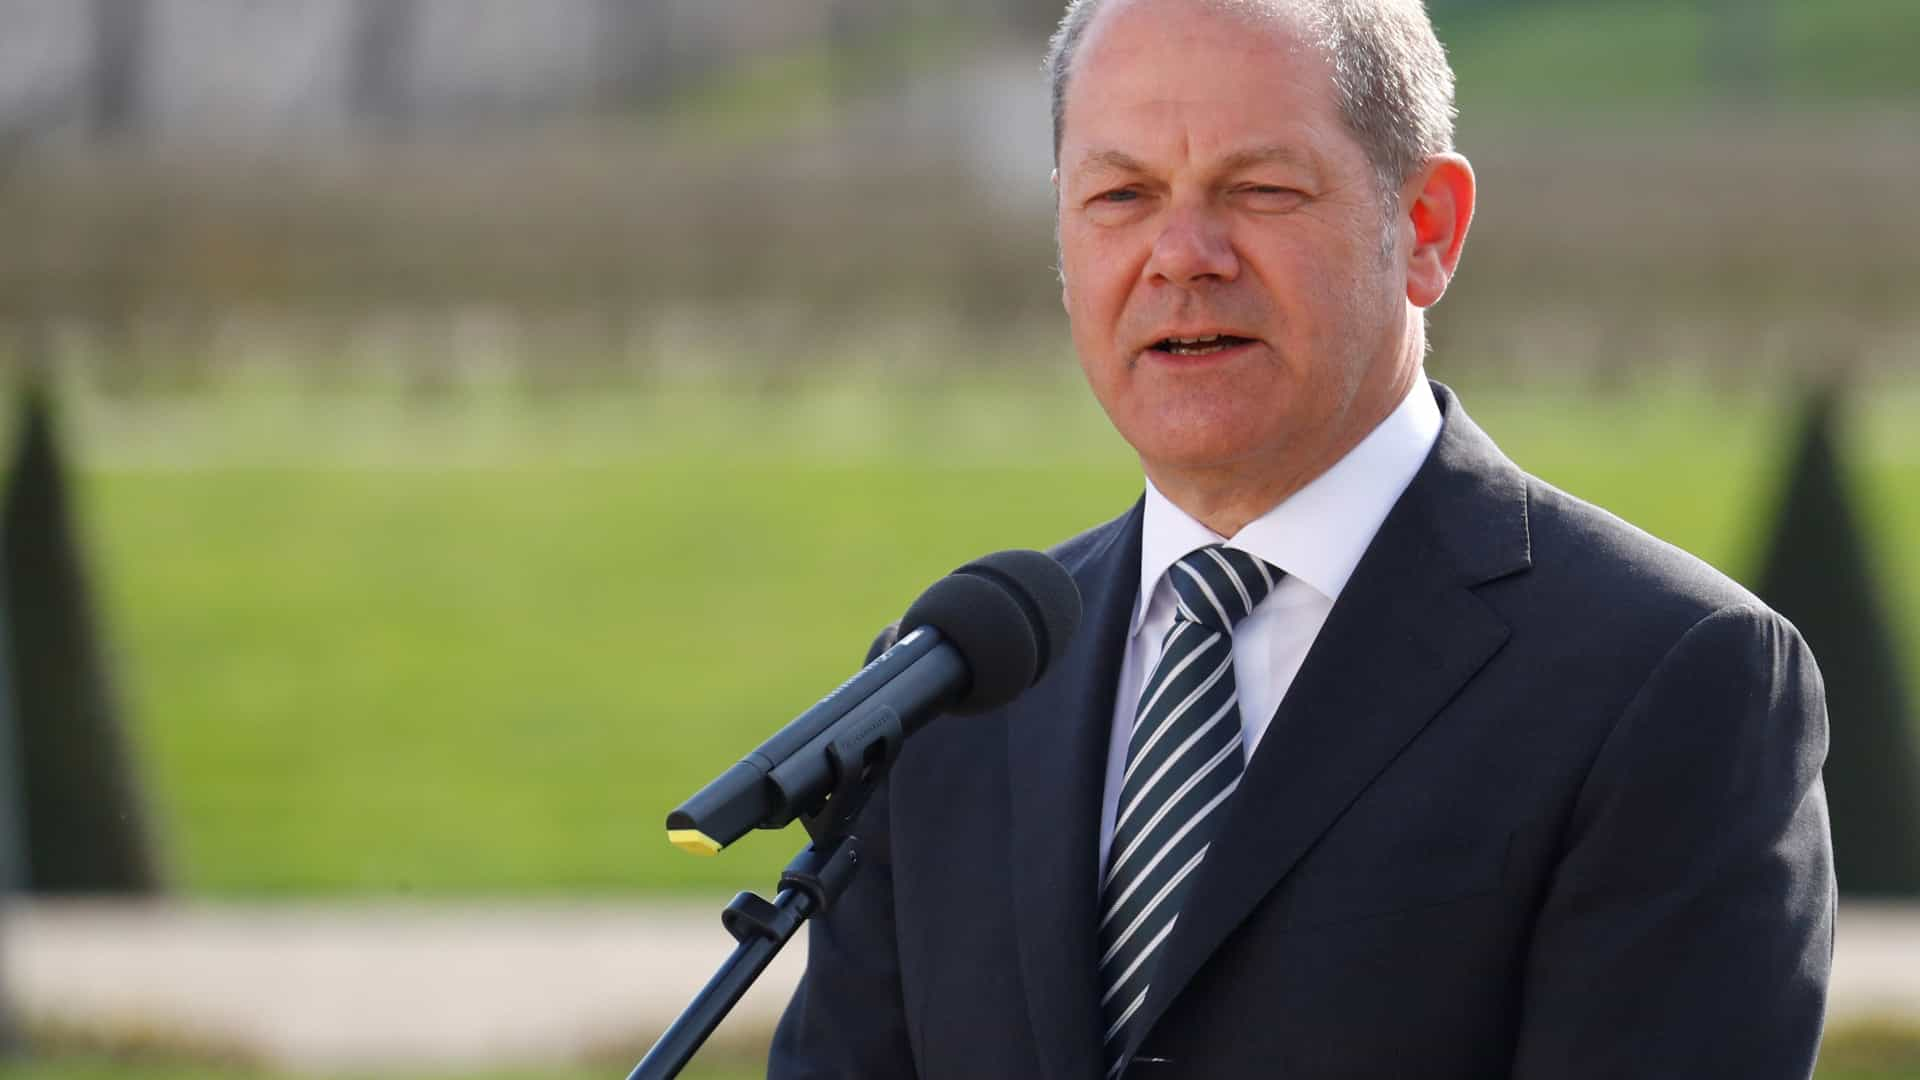 Ministro alemão defende criação de seguro de desemprego europeu